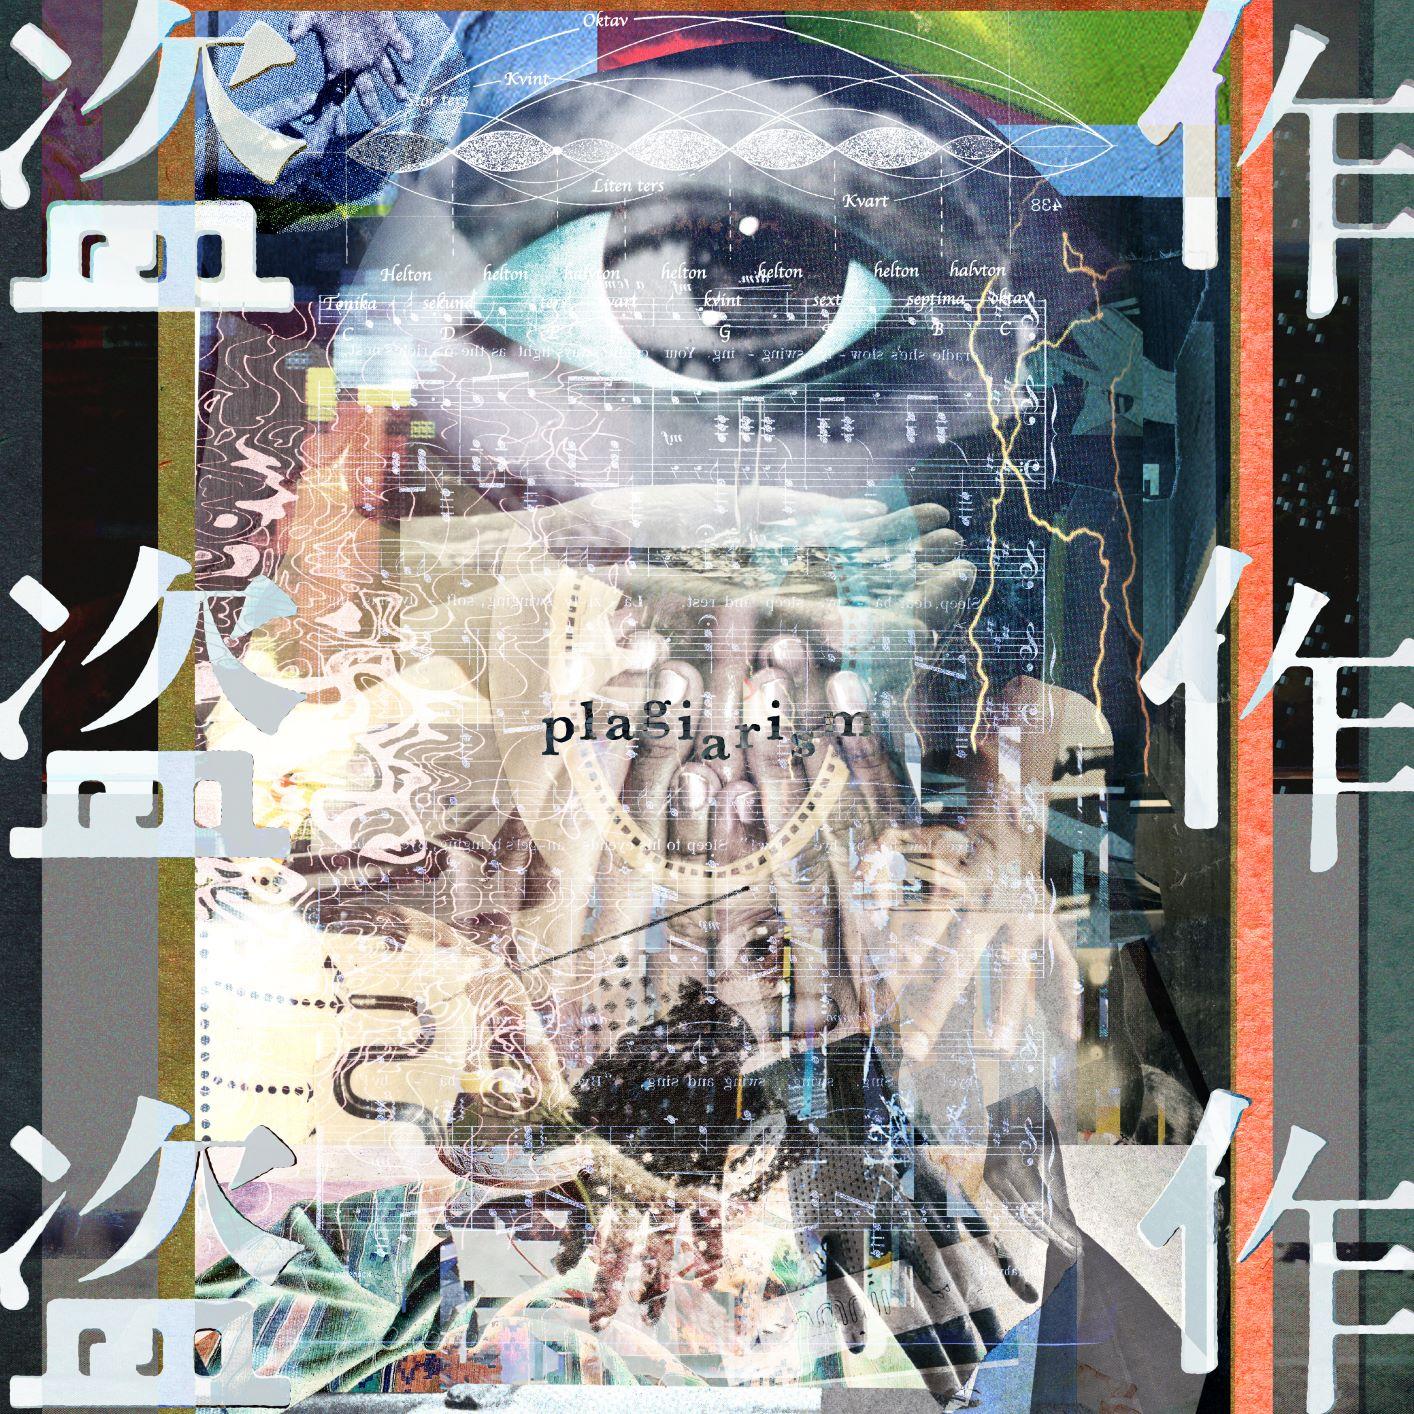 ヨルシカ最新アルバム『盗作』、チャートアクション好調&配信8サイト18冠達成サムネイル画像